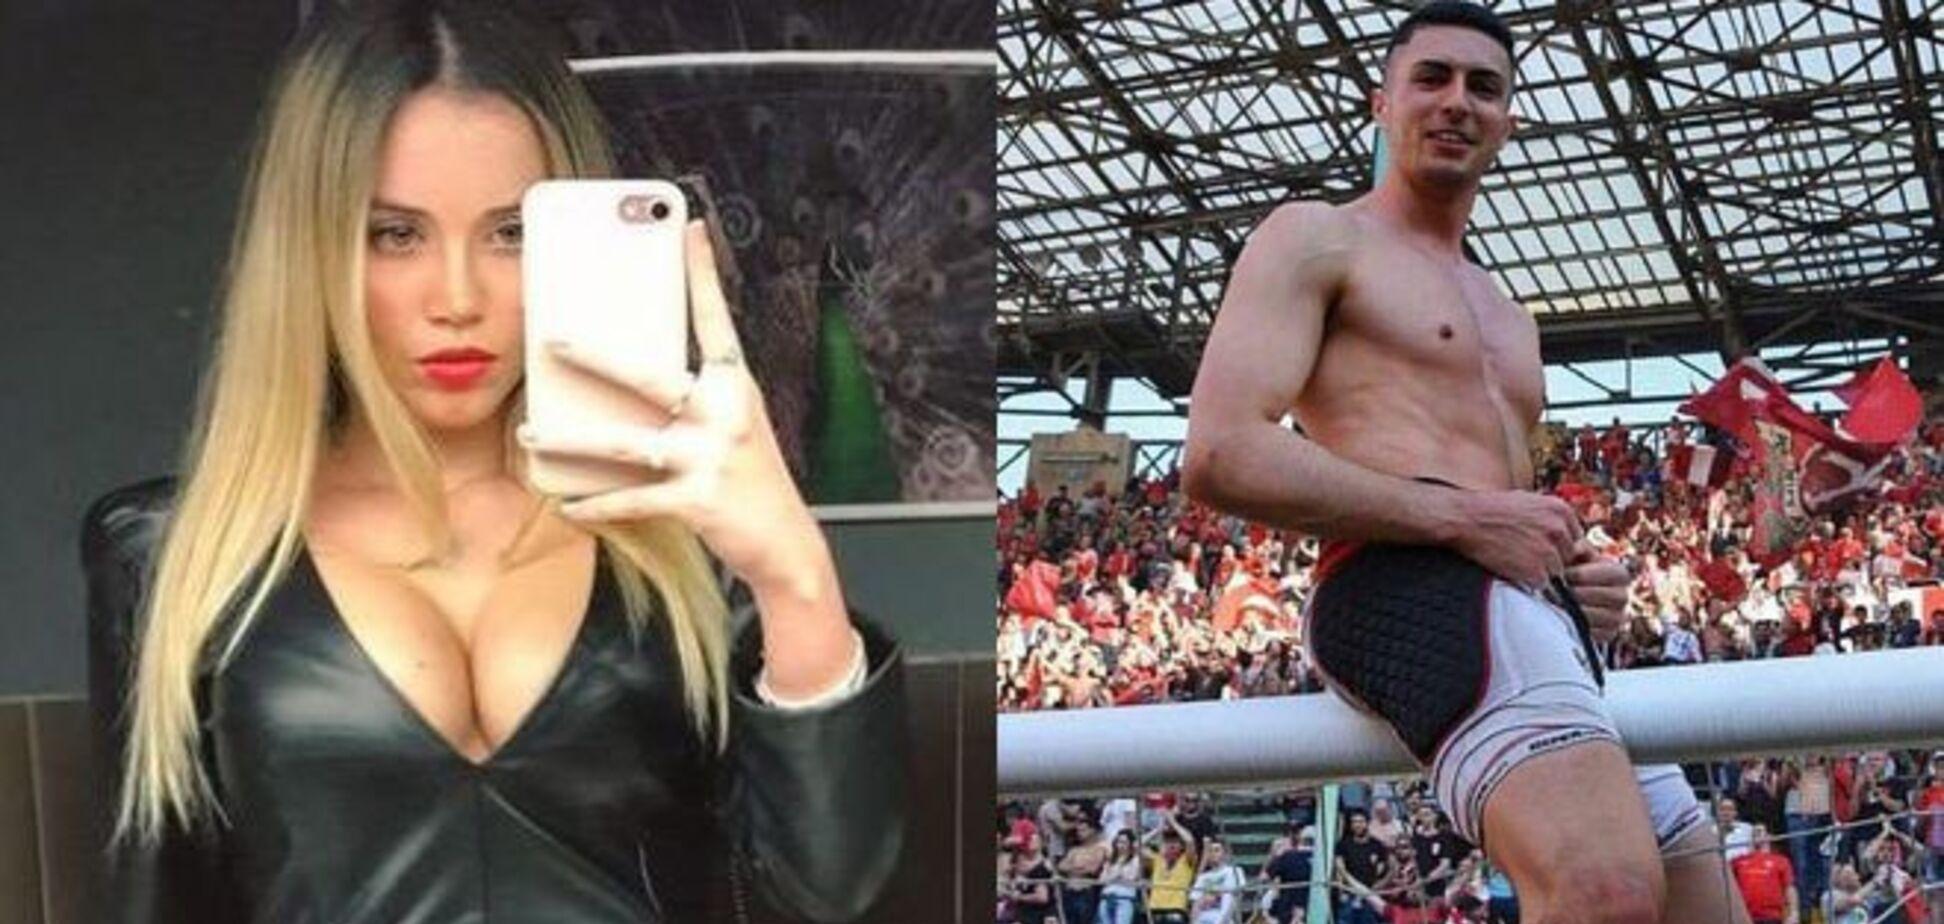 Известный футболист занялся сексом в туалете, попал на видео и был наказан